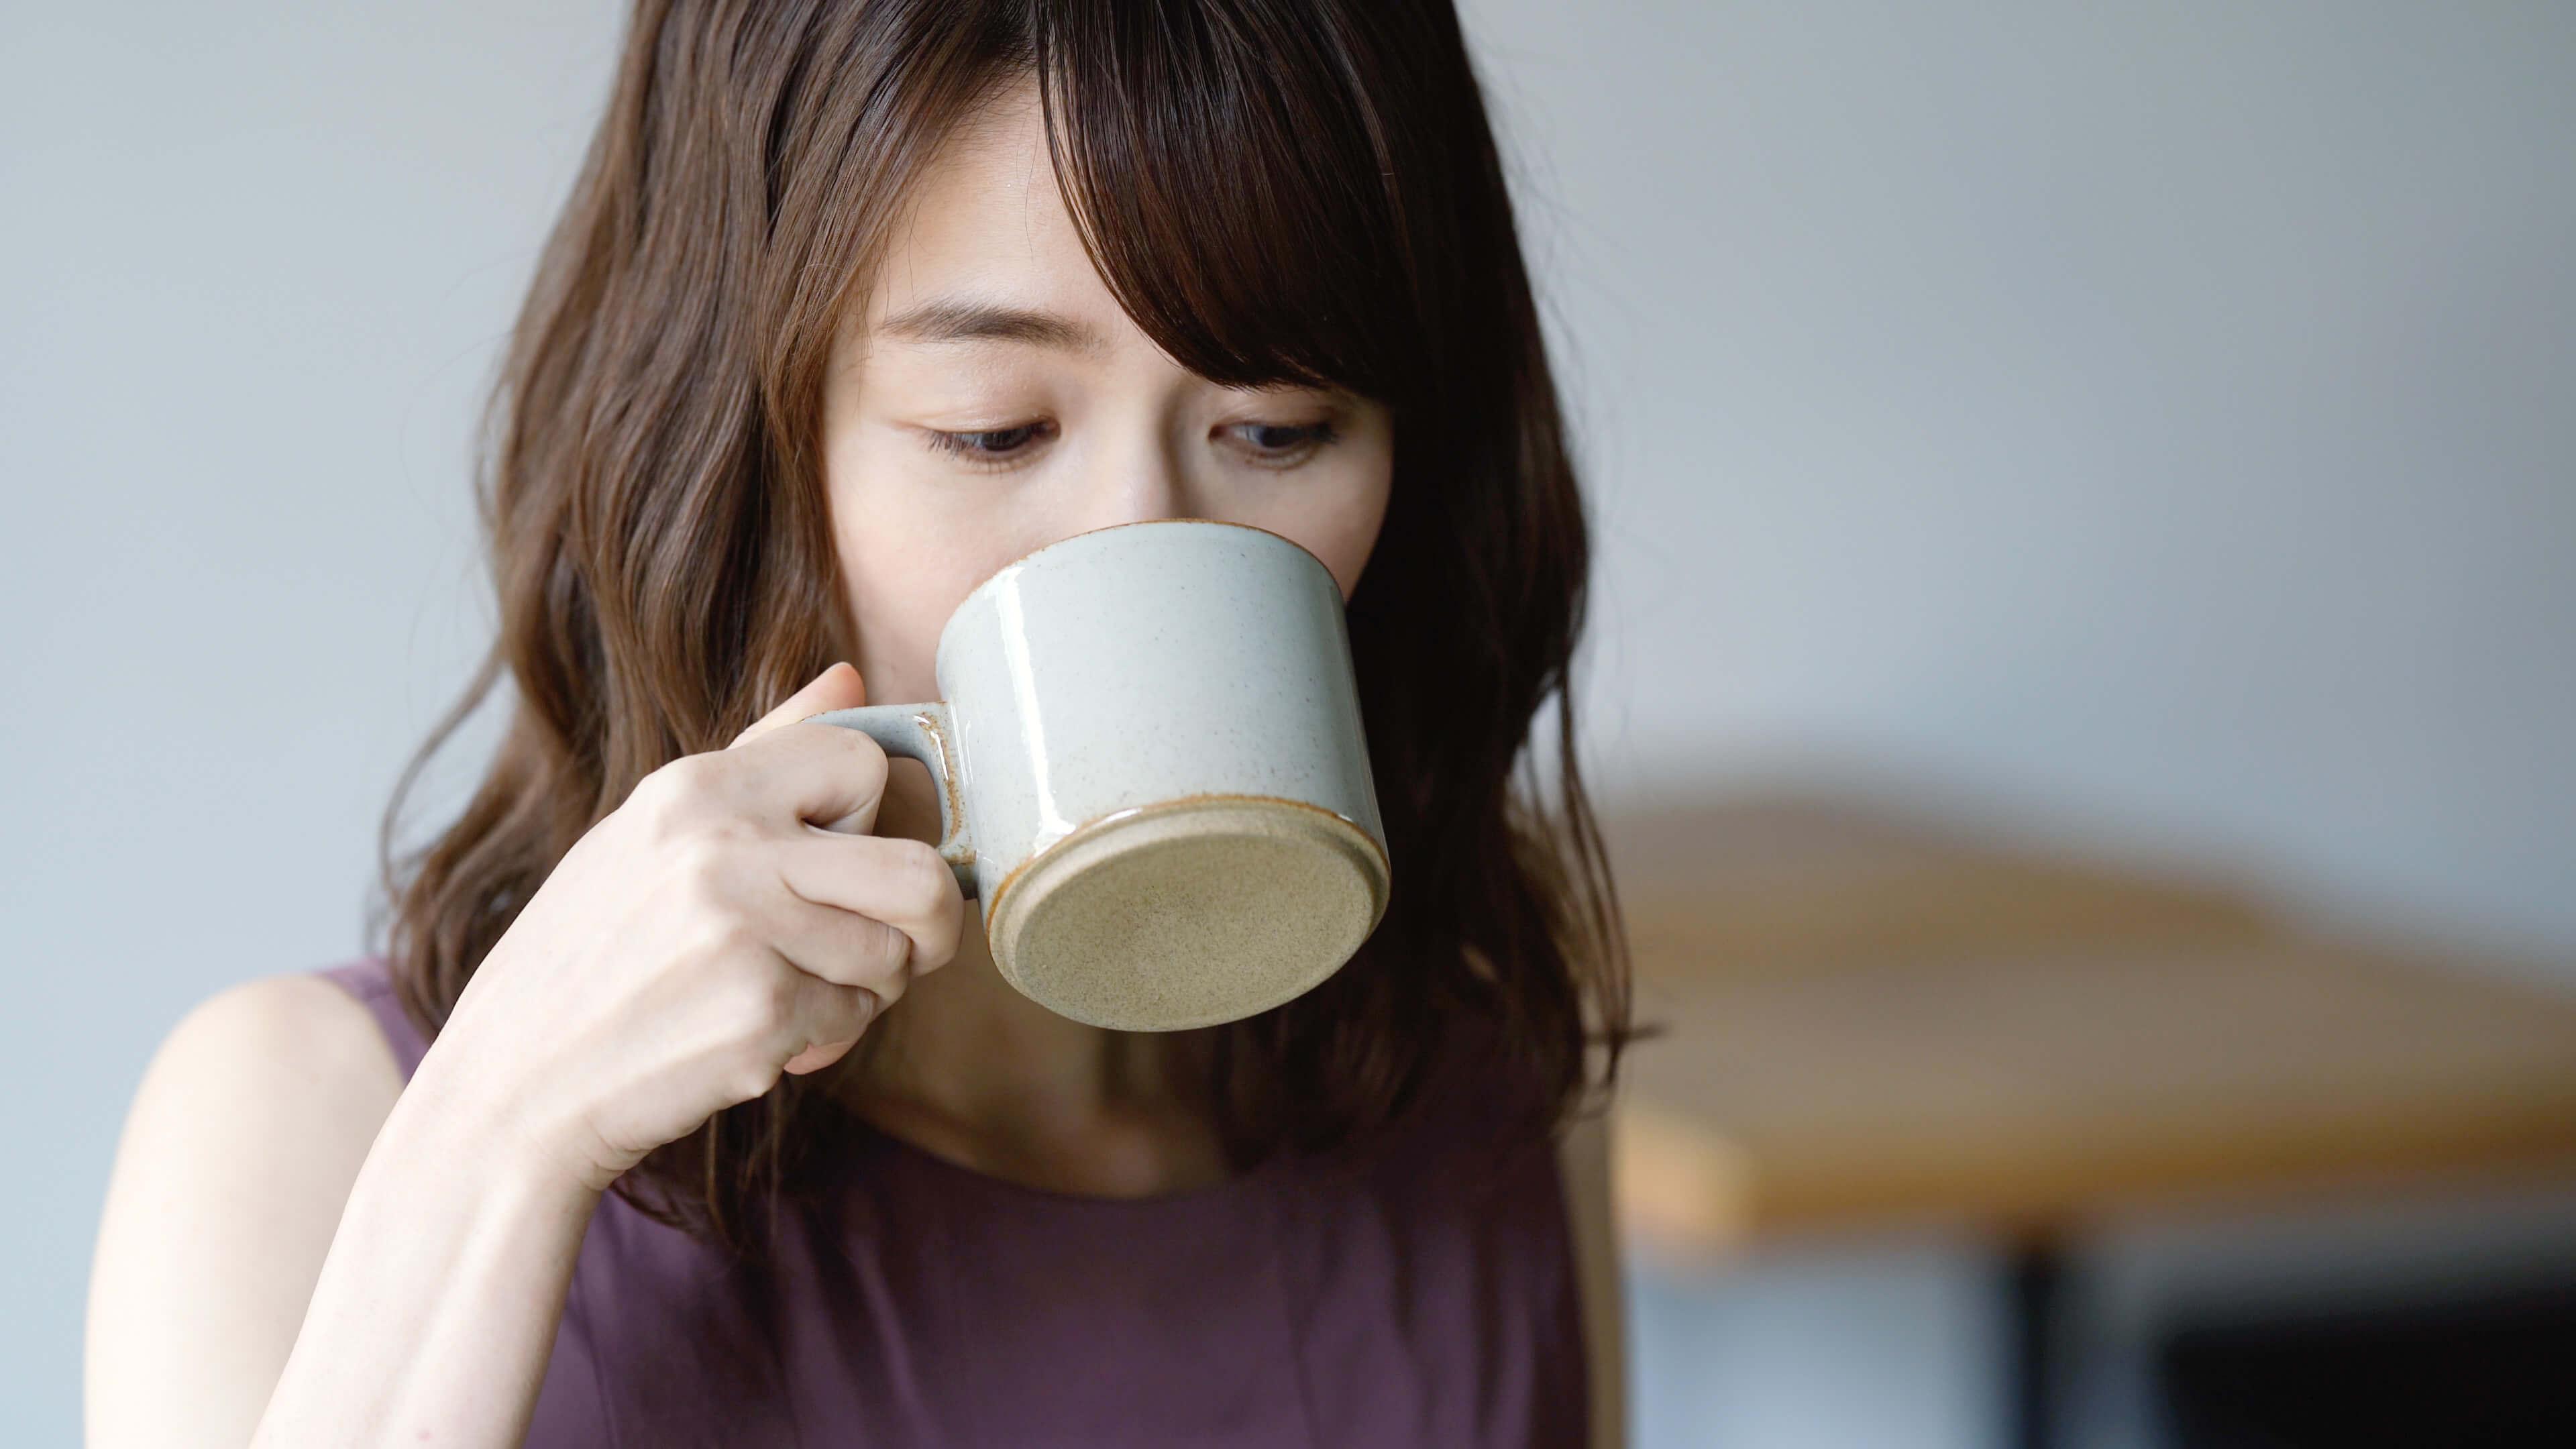 毎日コーヒーを飲むのは健康に良い? コーヒーの成分と主な効果を解説 ...